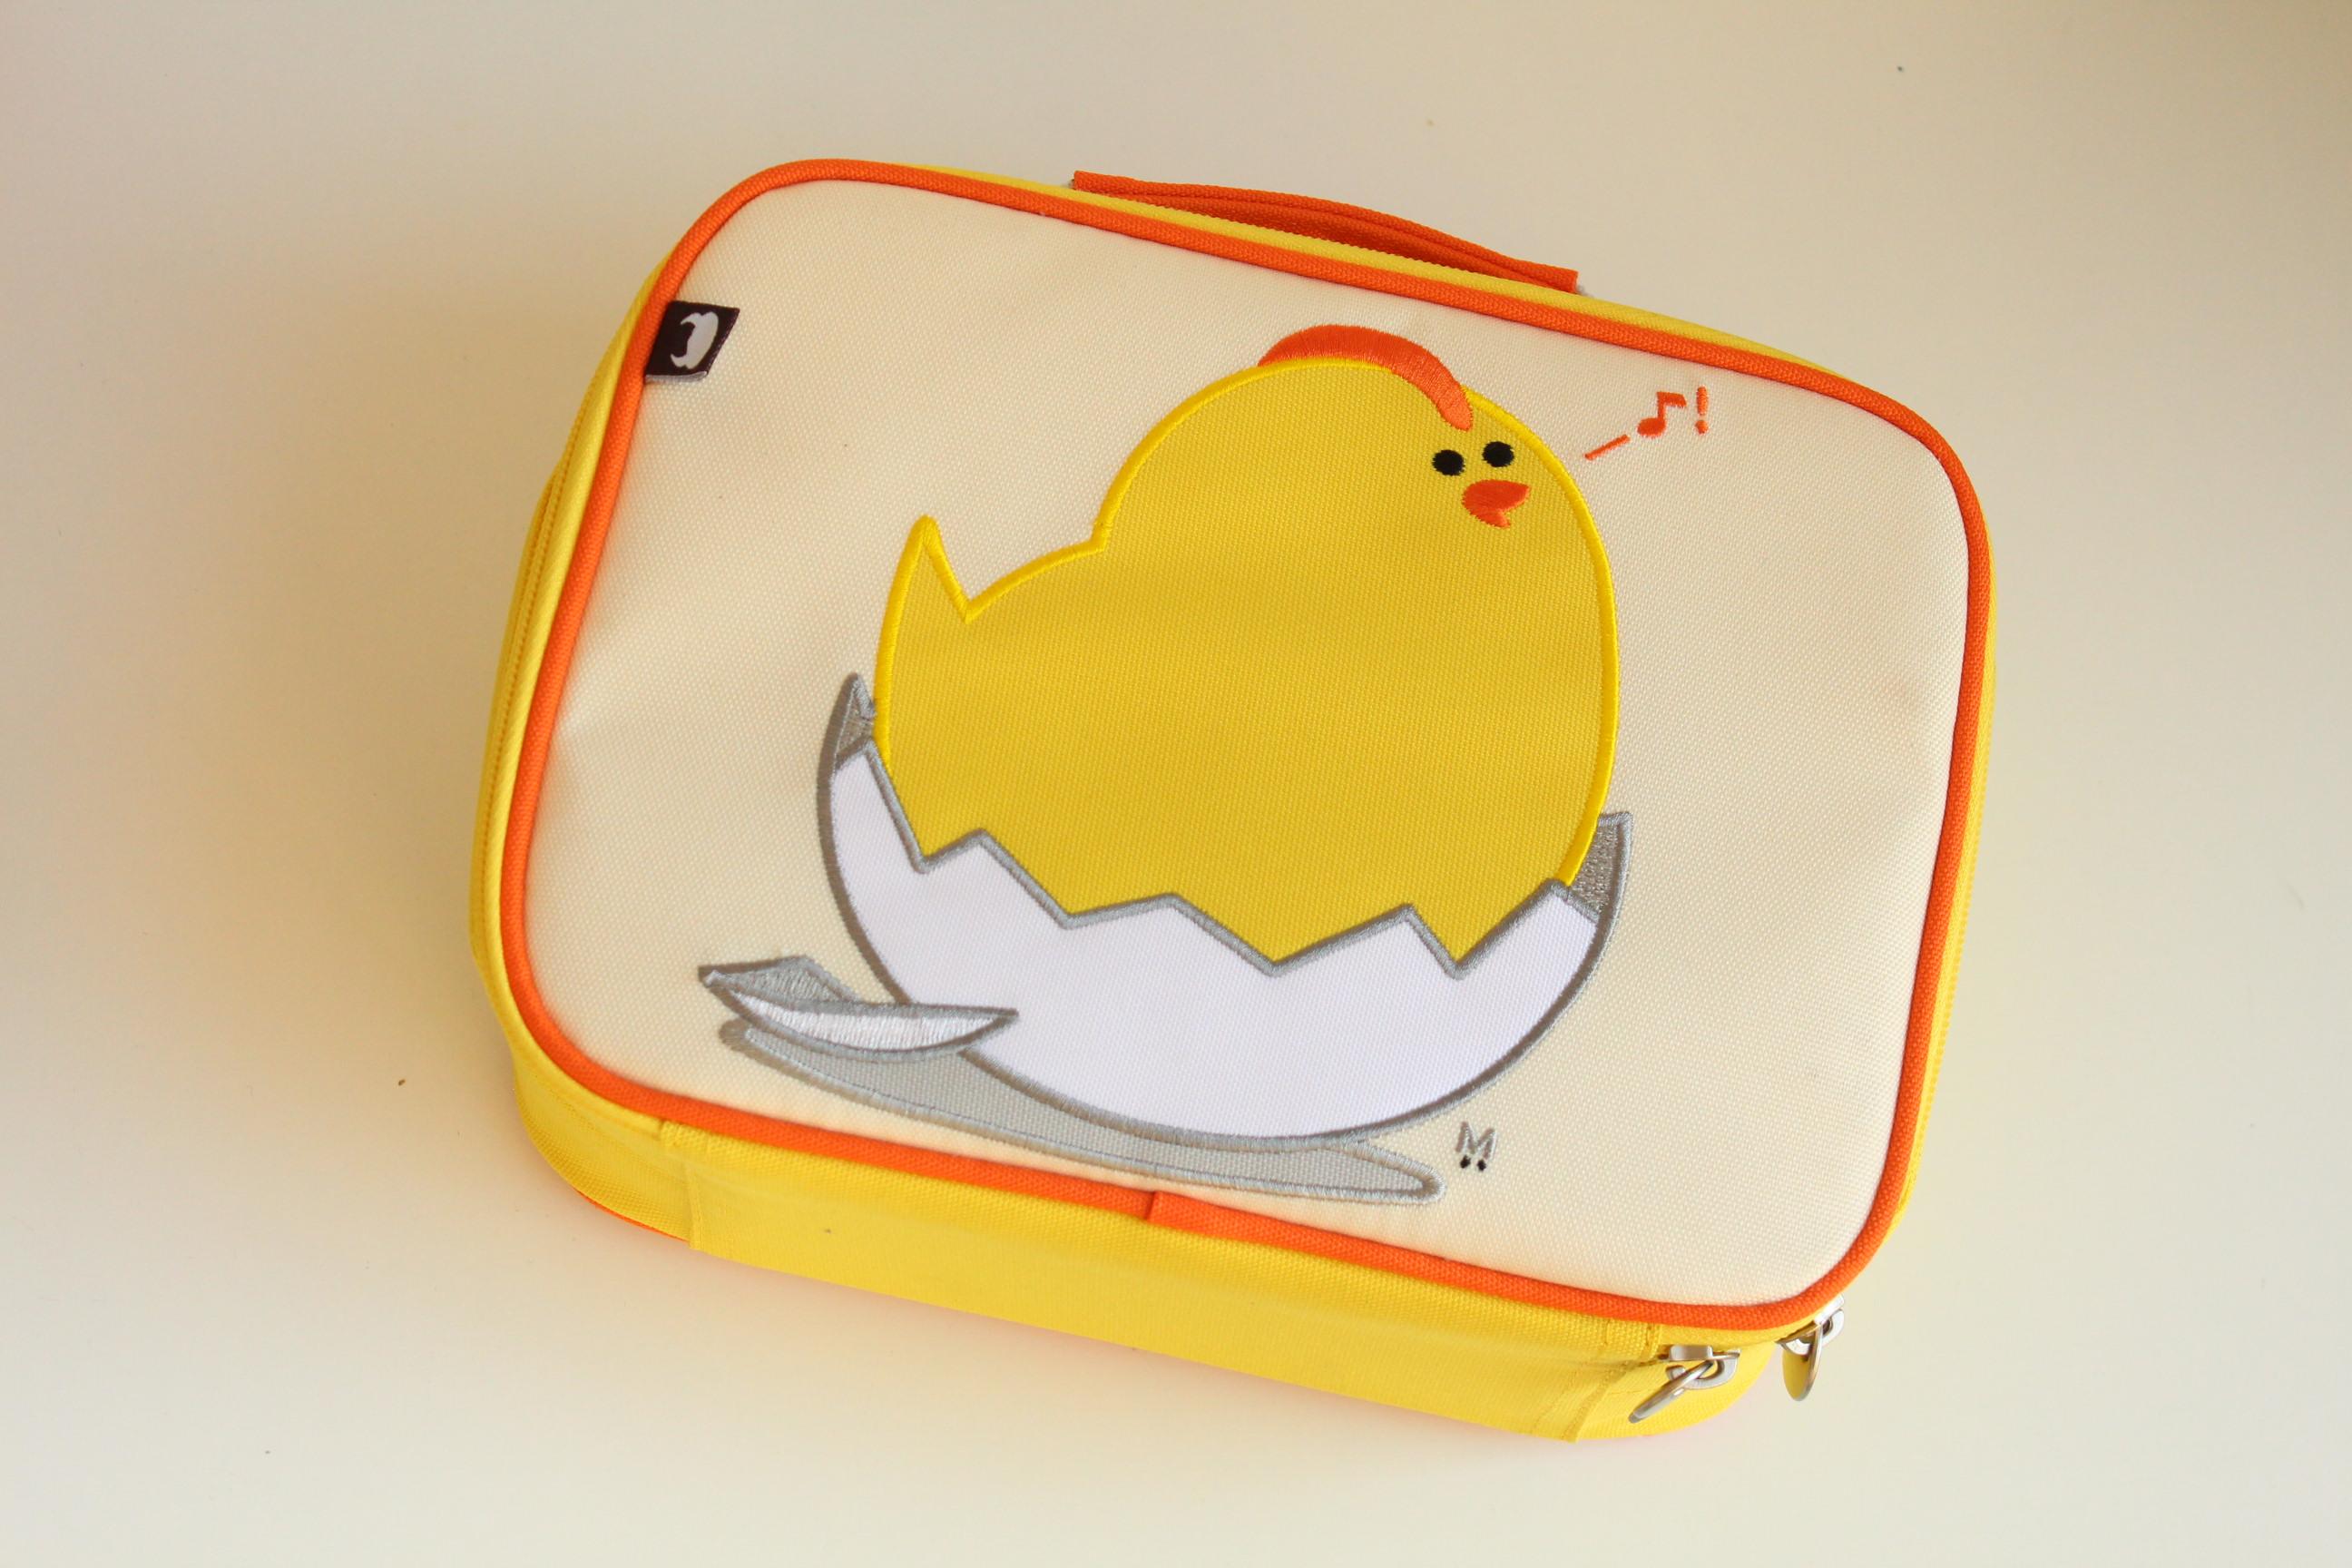 beatrix-france-valise-sac-bagage-lunch-box-valisette-boite-voyage-vacances-cartable-ecole-pique-nique-dino-dinosaure-poussin-fille-garçon-couleur-illustration-solide-pratique-7